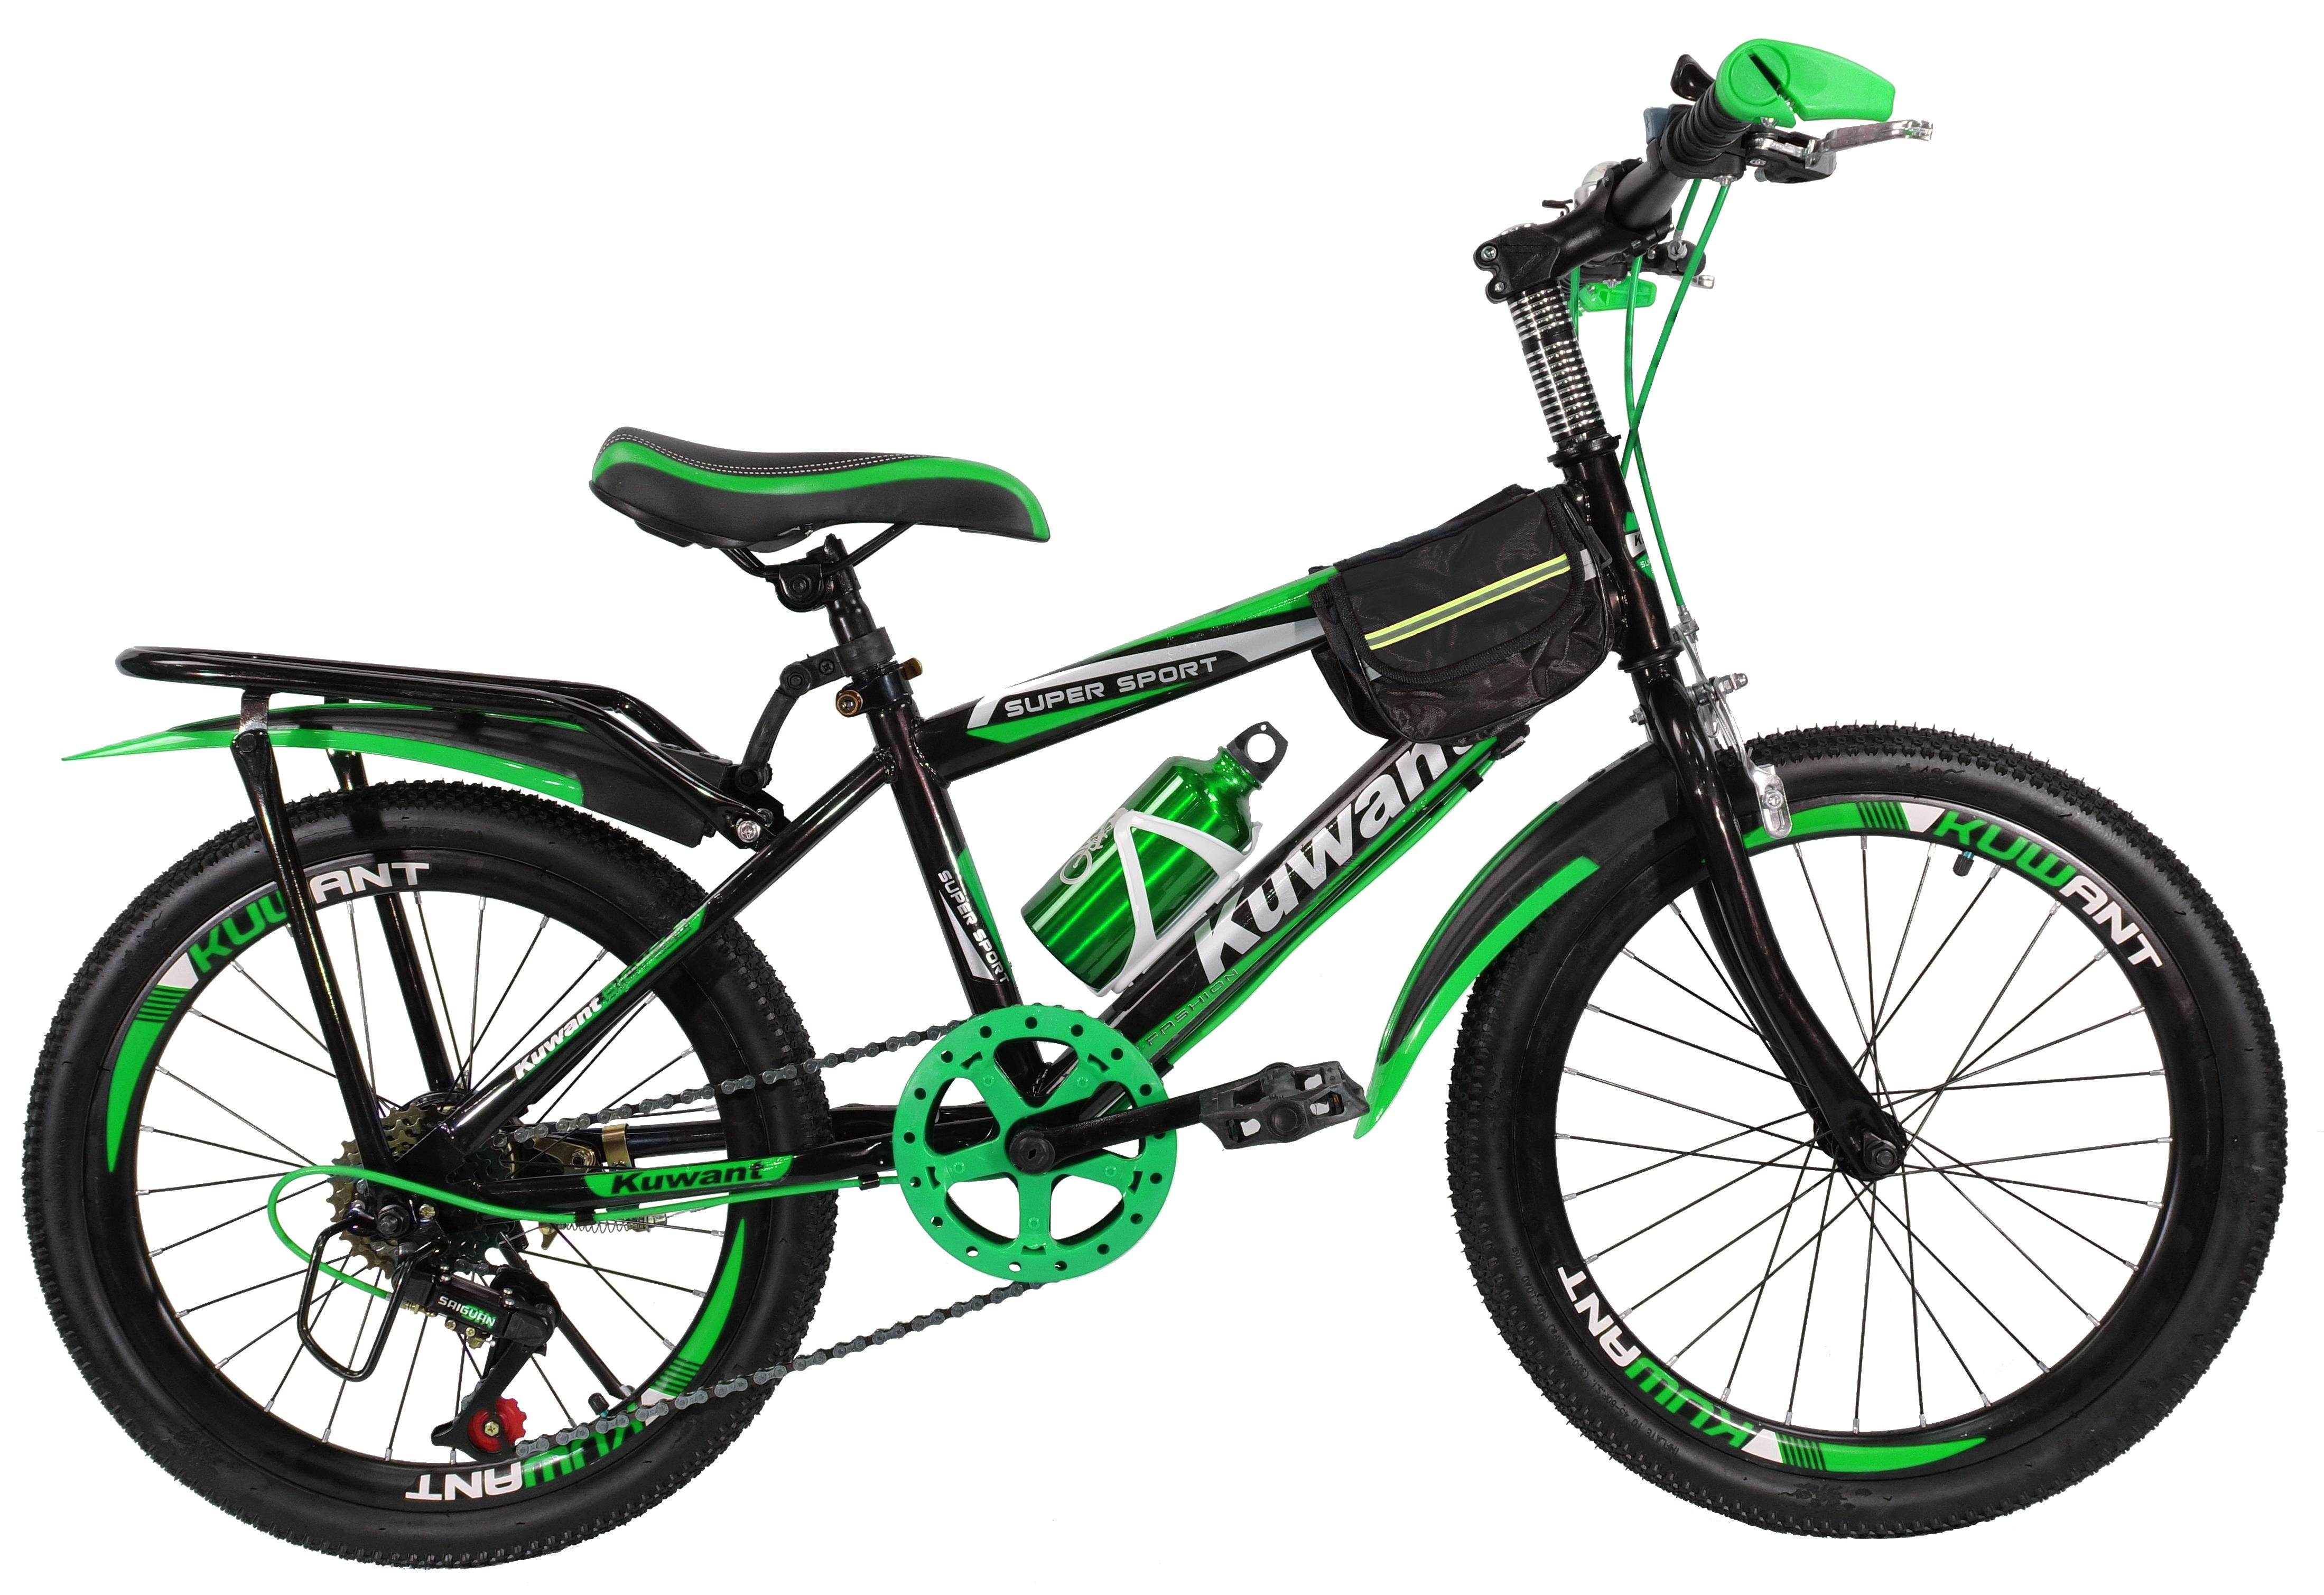 Детский велосипед Kuwant R-20 зеленый